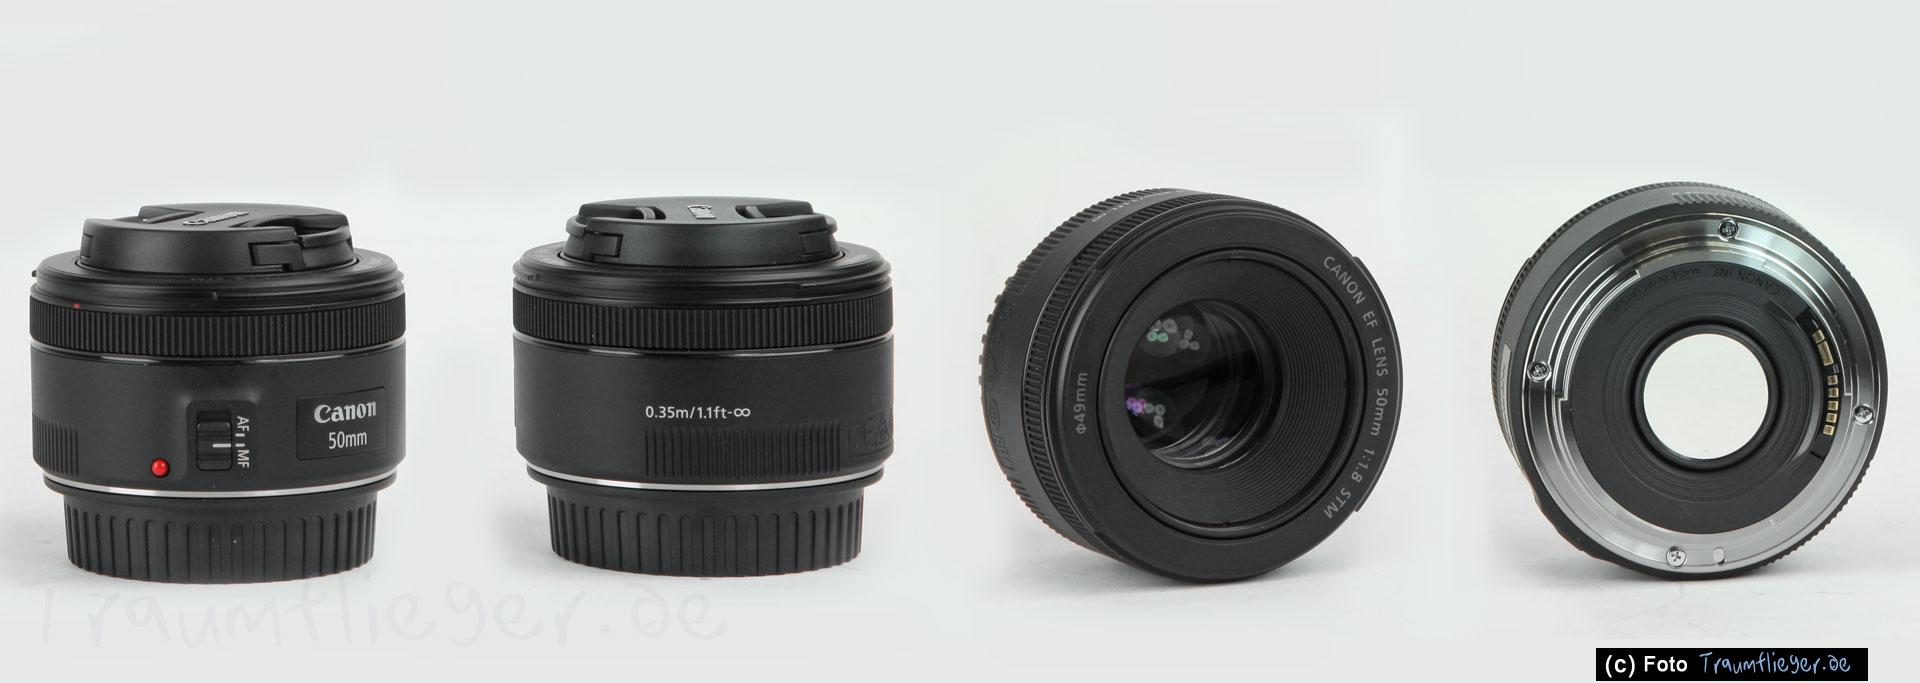 Canon 50mm 18 Stm Im Test Lensa Ef F An Der 5d Iiidie Standardbrennweite Einer Eos Iiiseitlichdas Ist So Leicht Dass Die Kamera Nicht